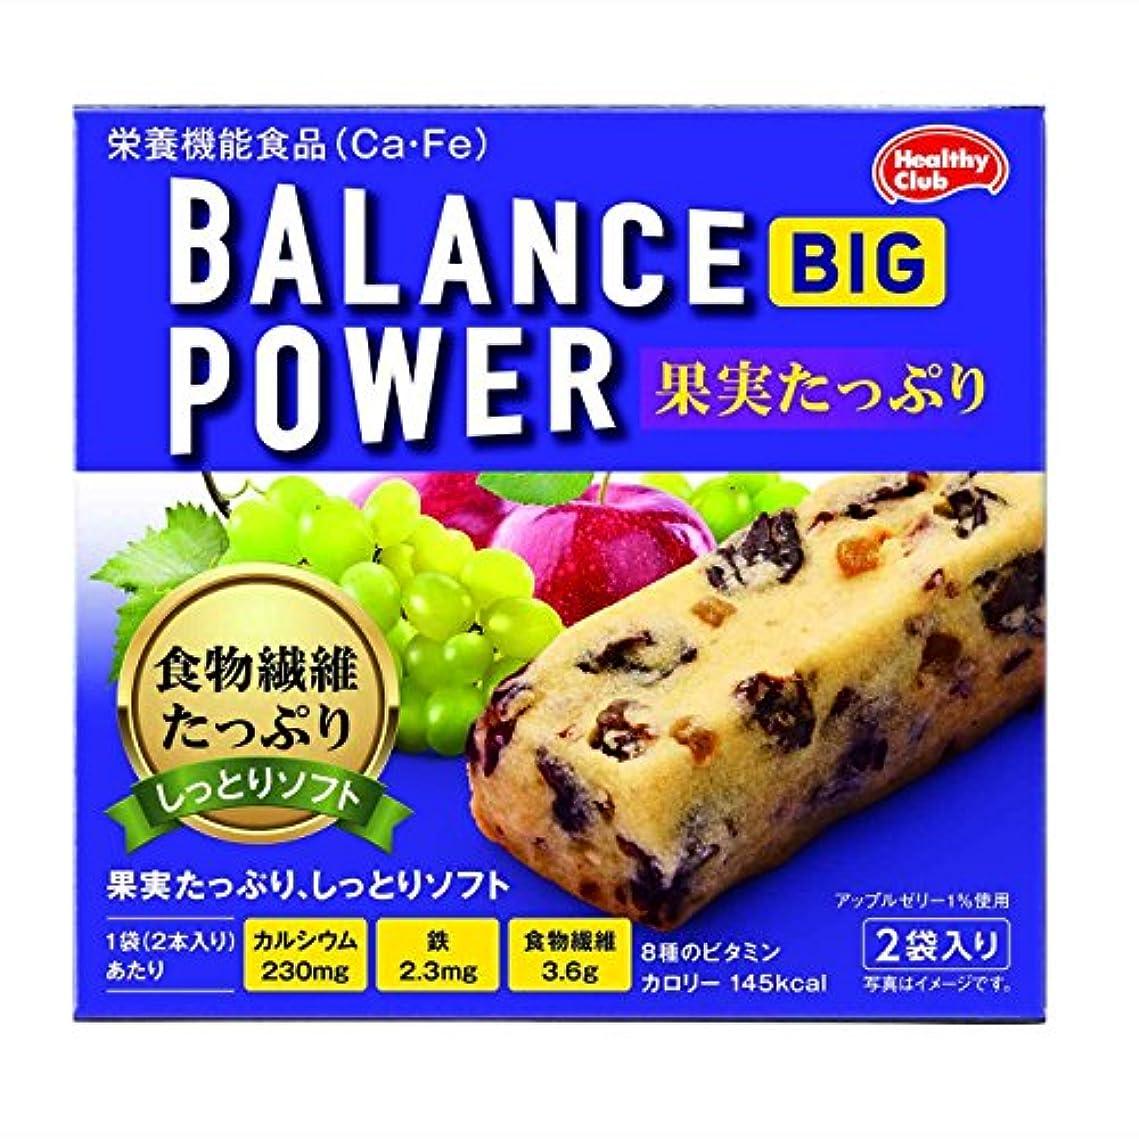 ハマダコンフェクト バランスパワービッグ 果実たっぷり 2袋【4個セット】